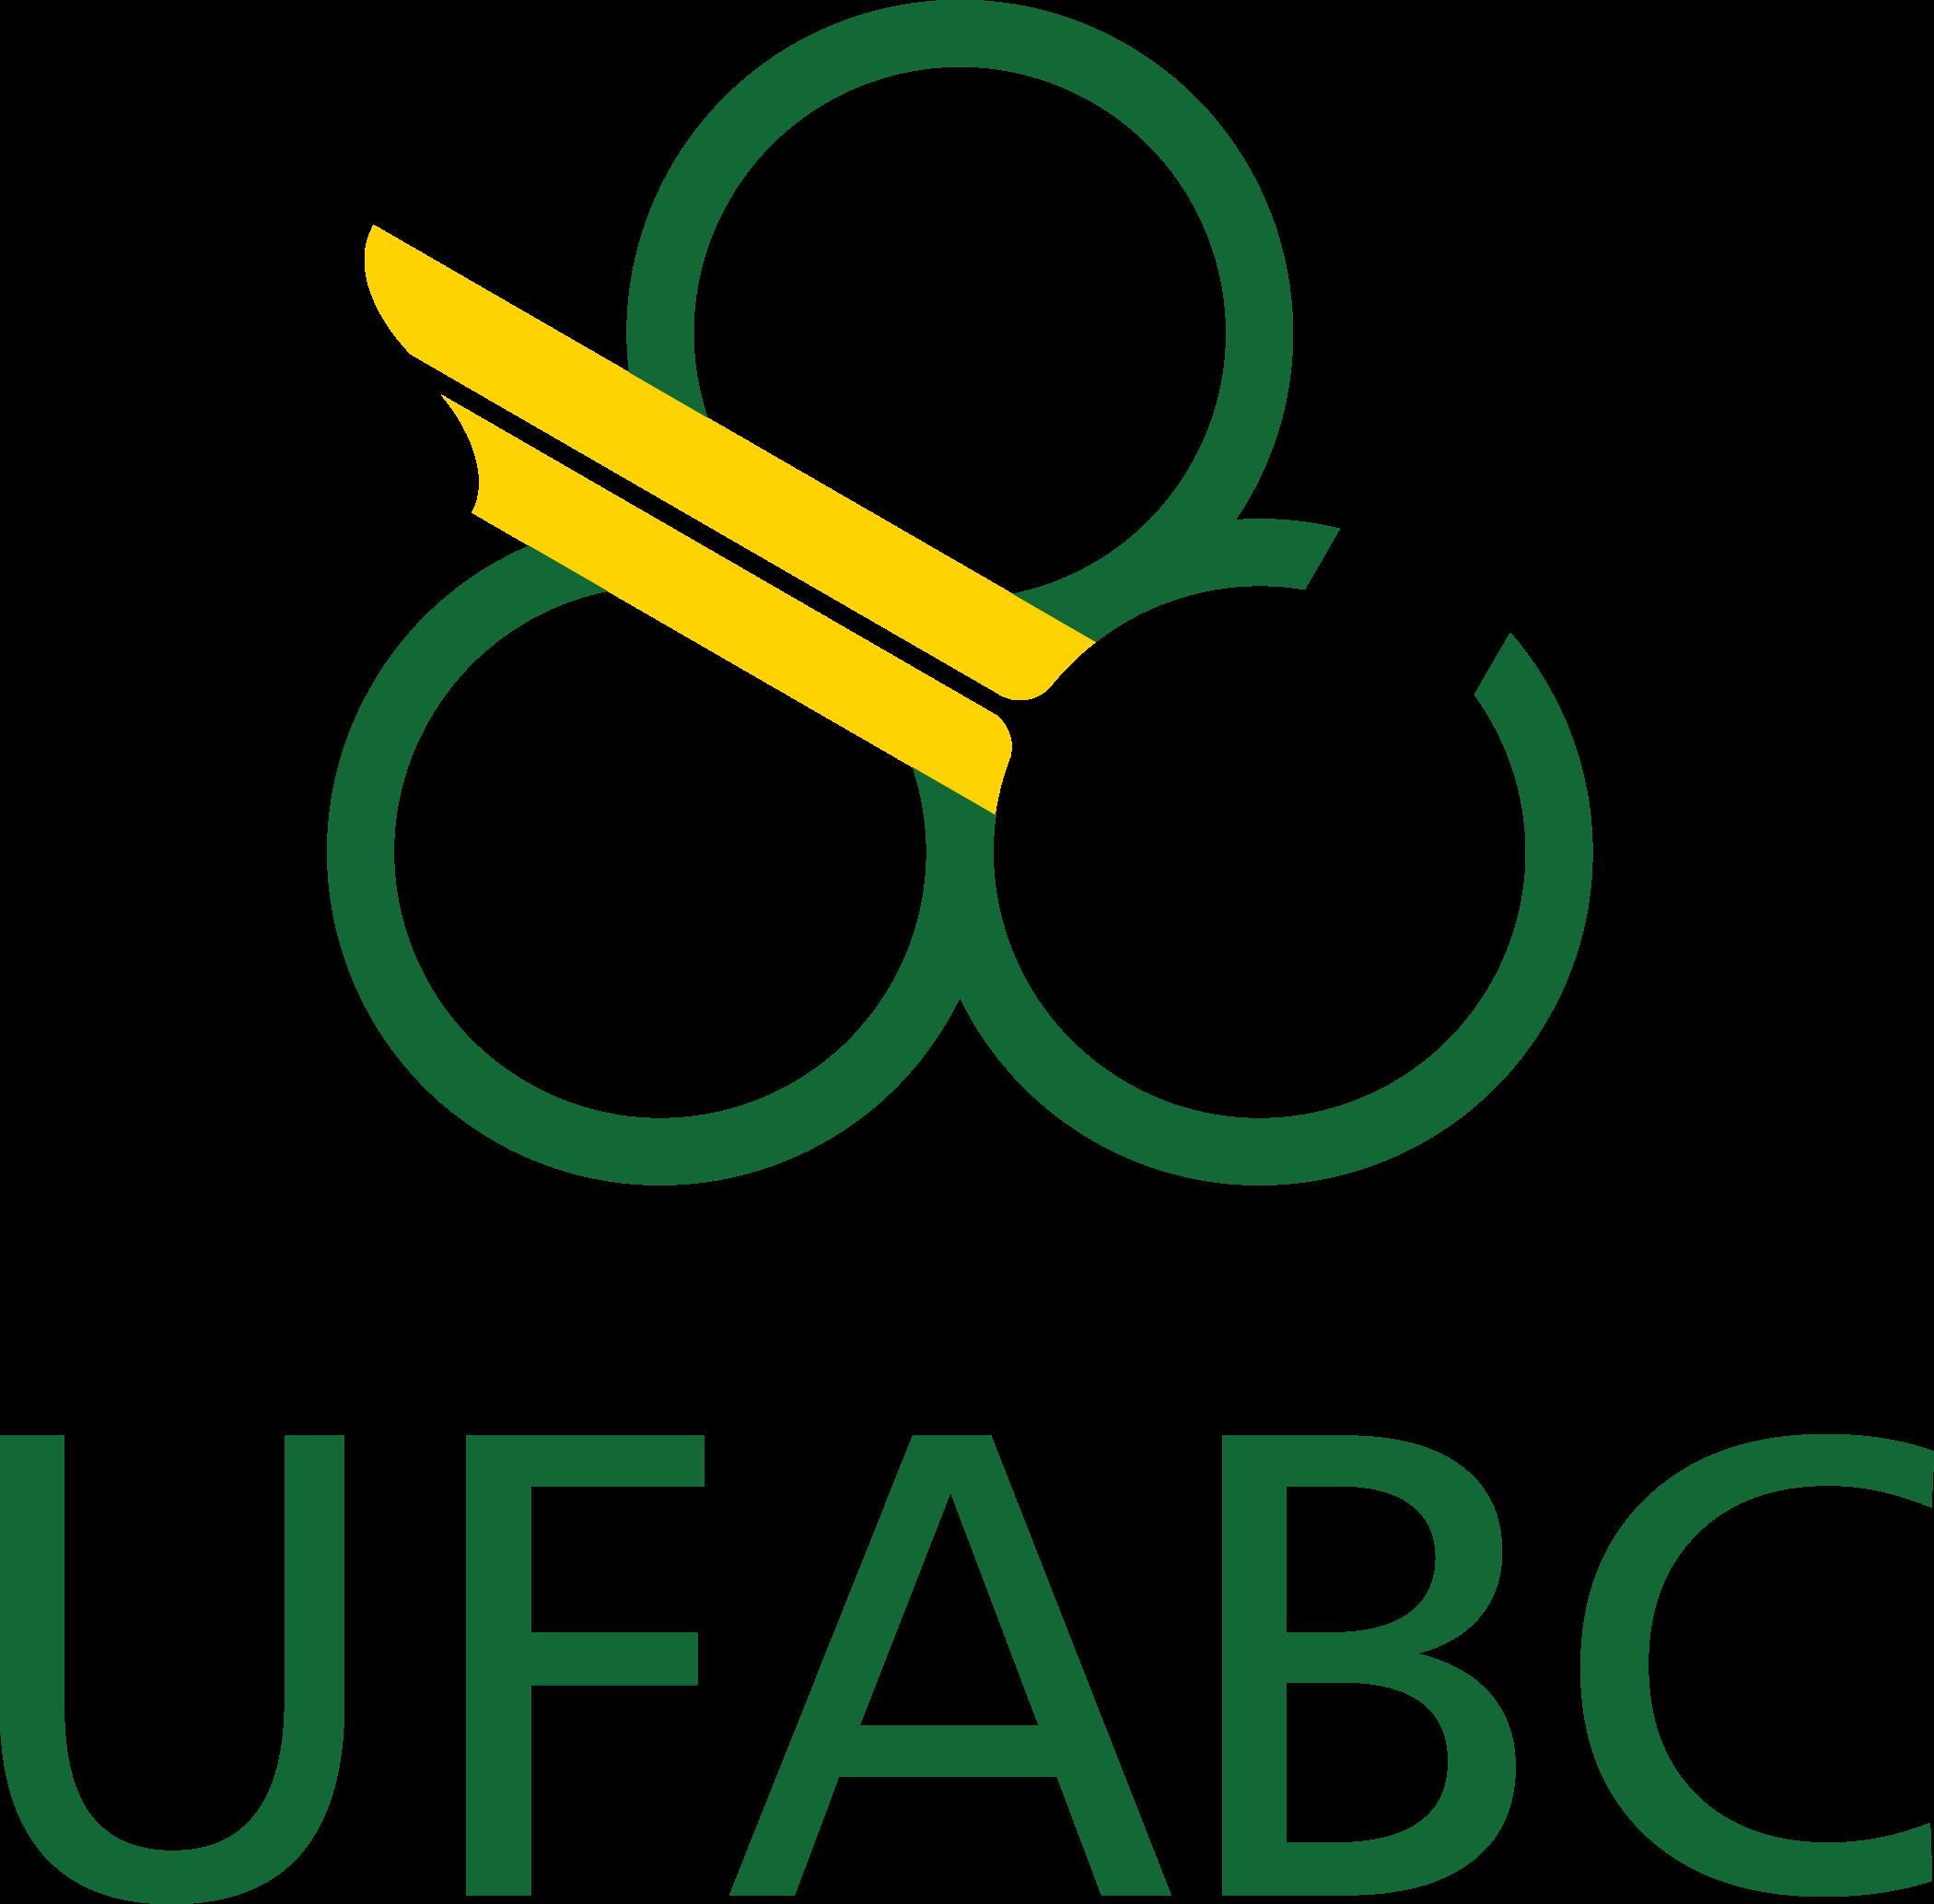 ufabc logo 1 - UFABC Logo - Universidade Federal do ABC